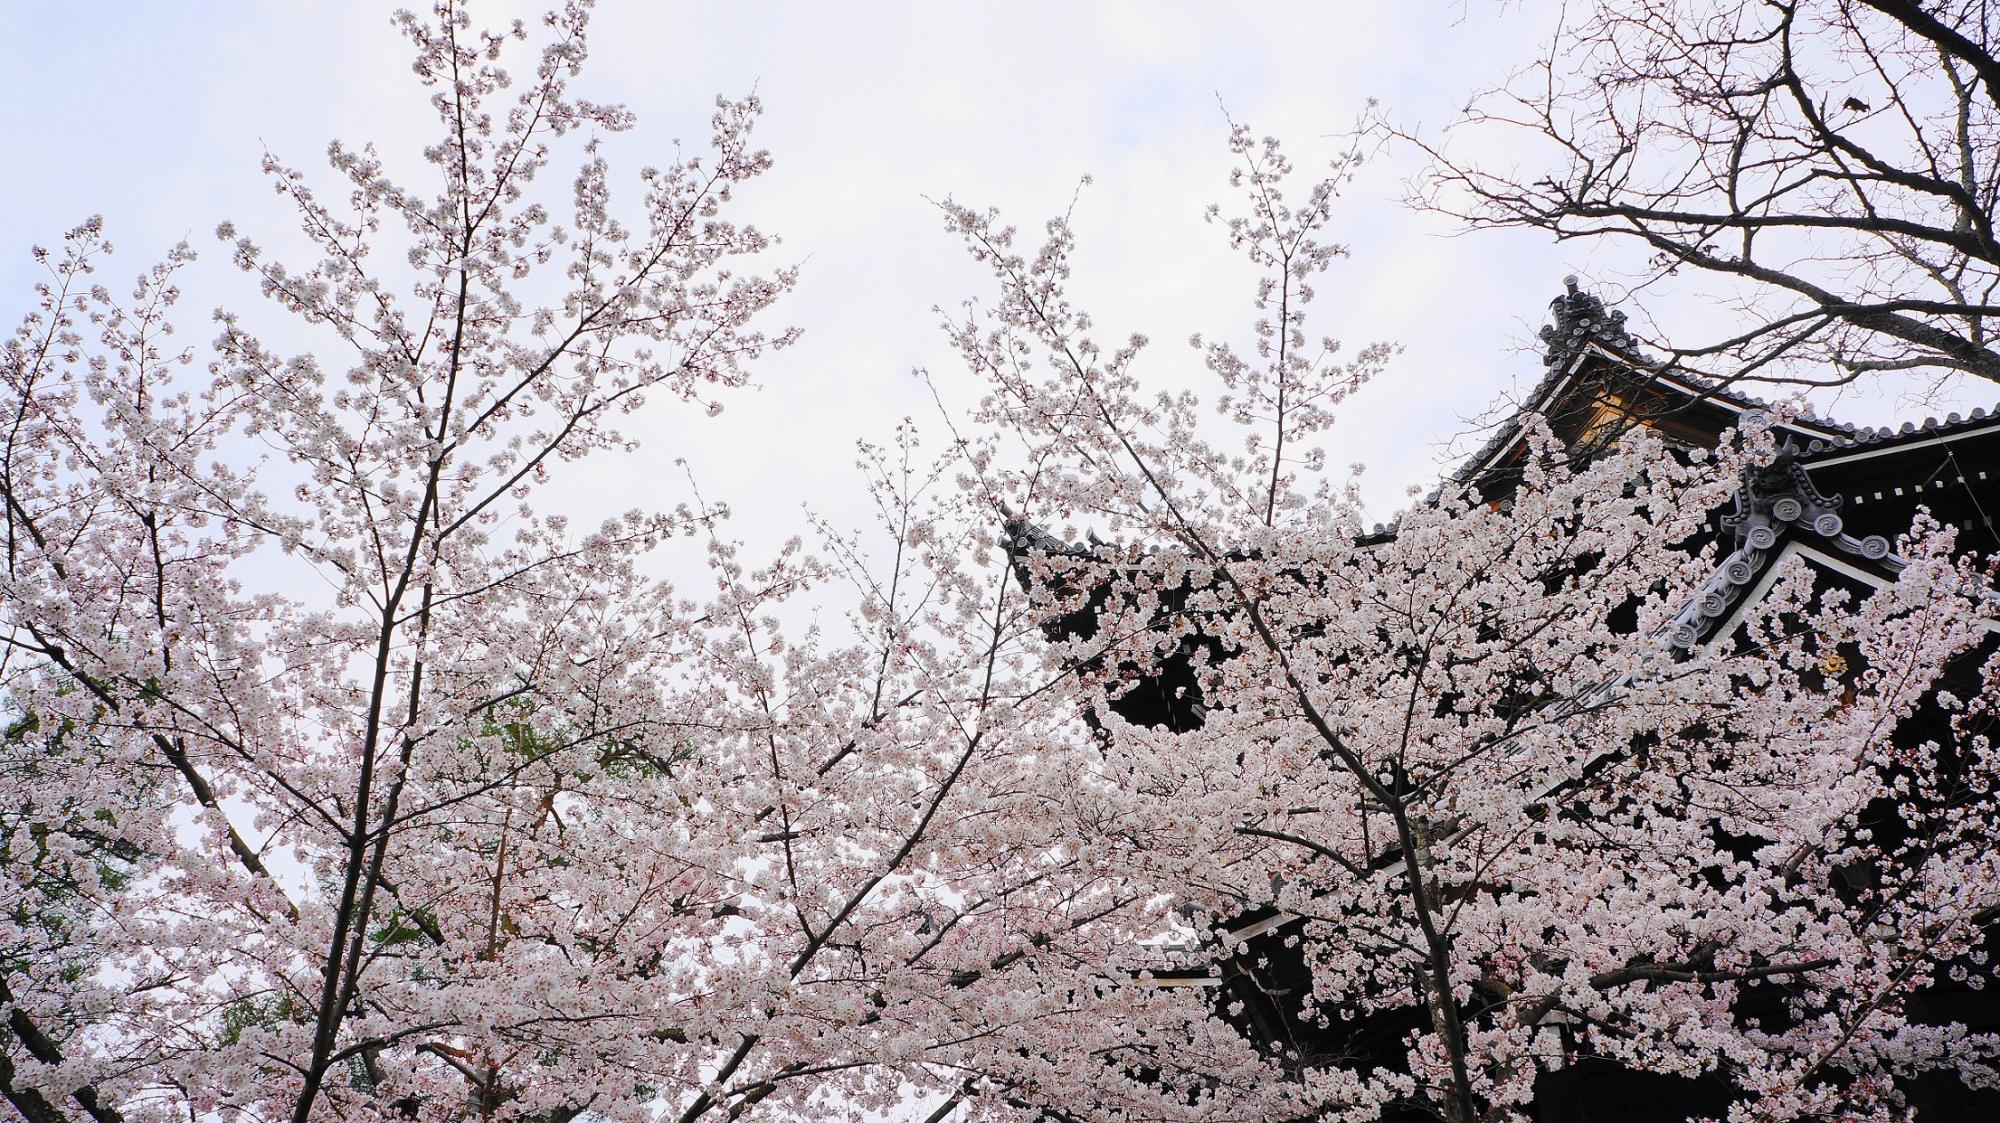 三門 桜 満開 春